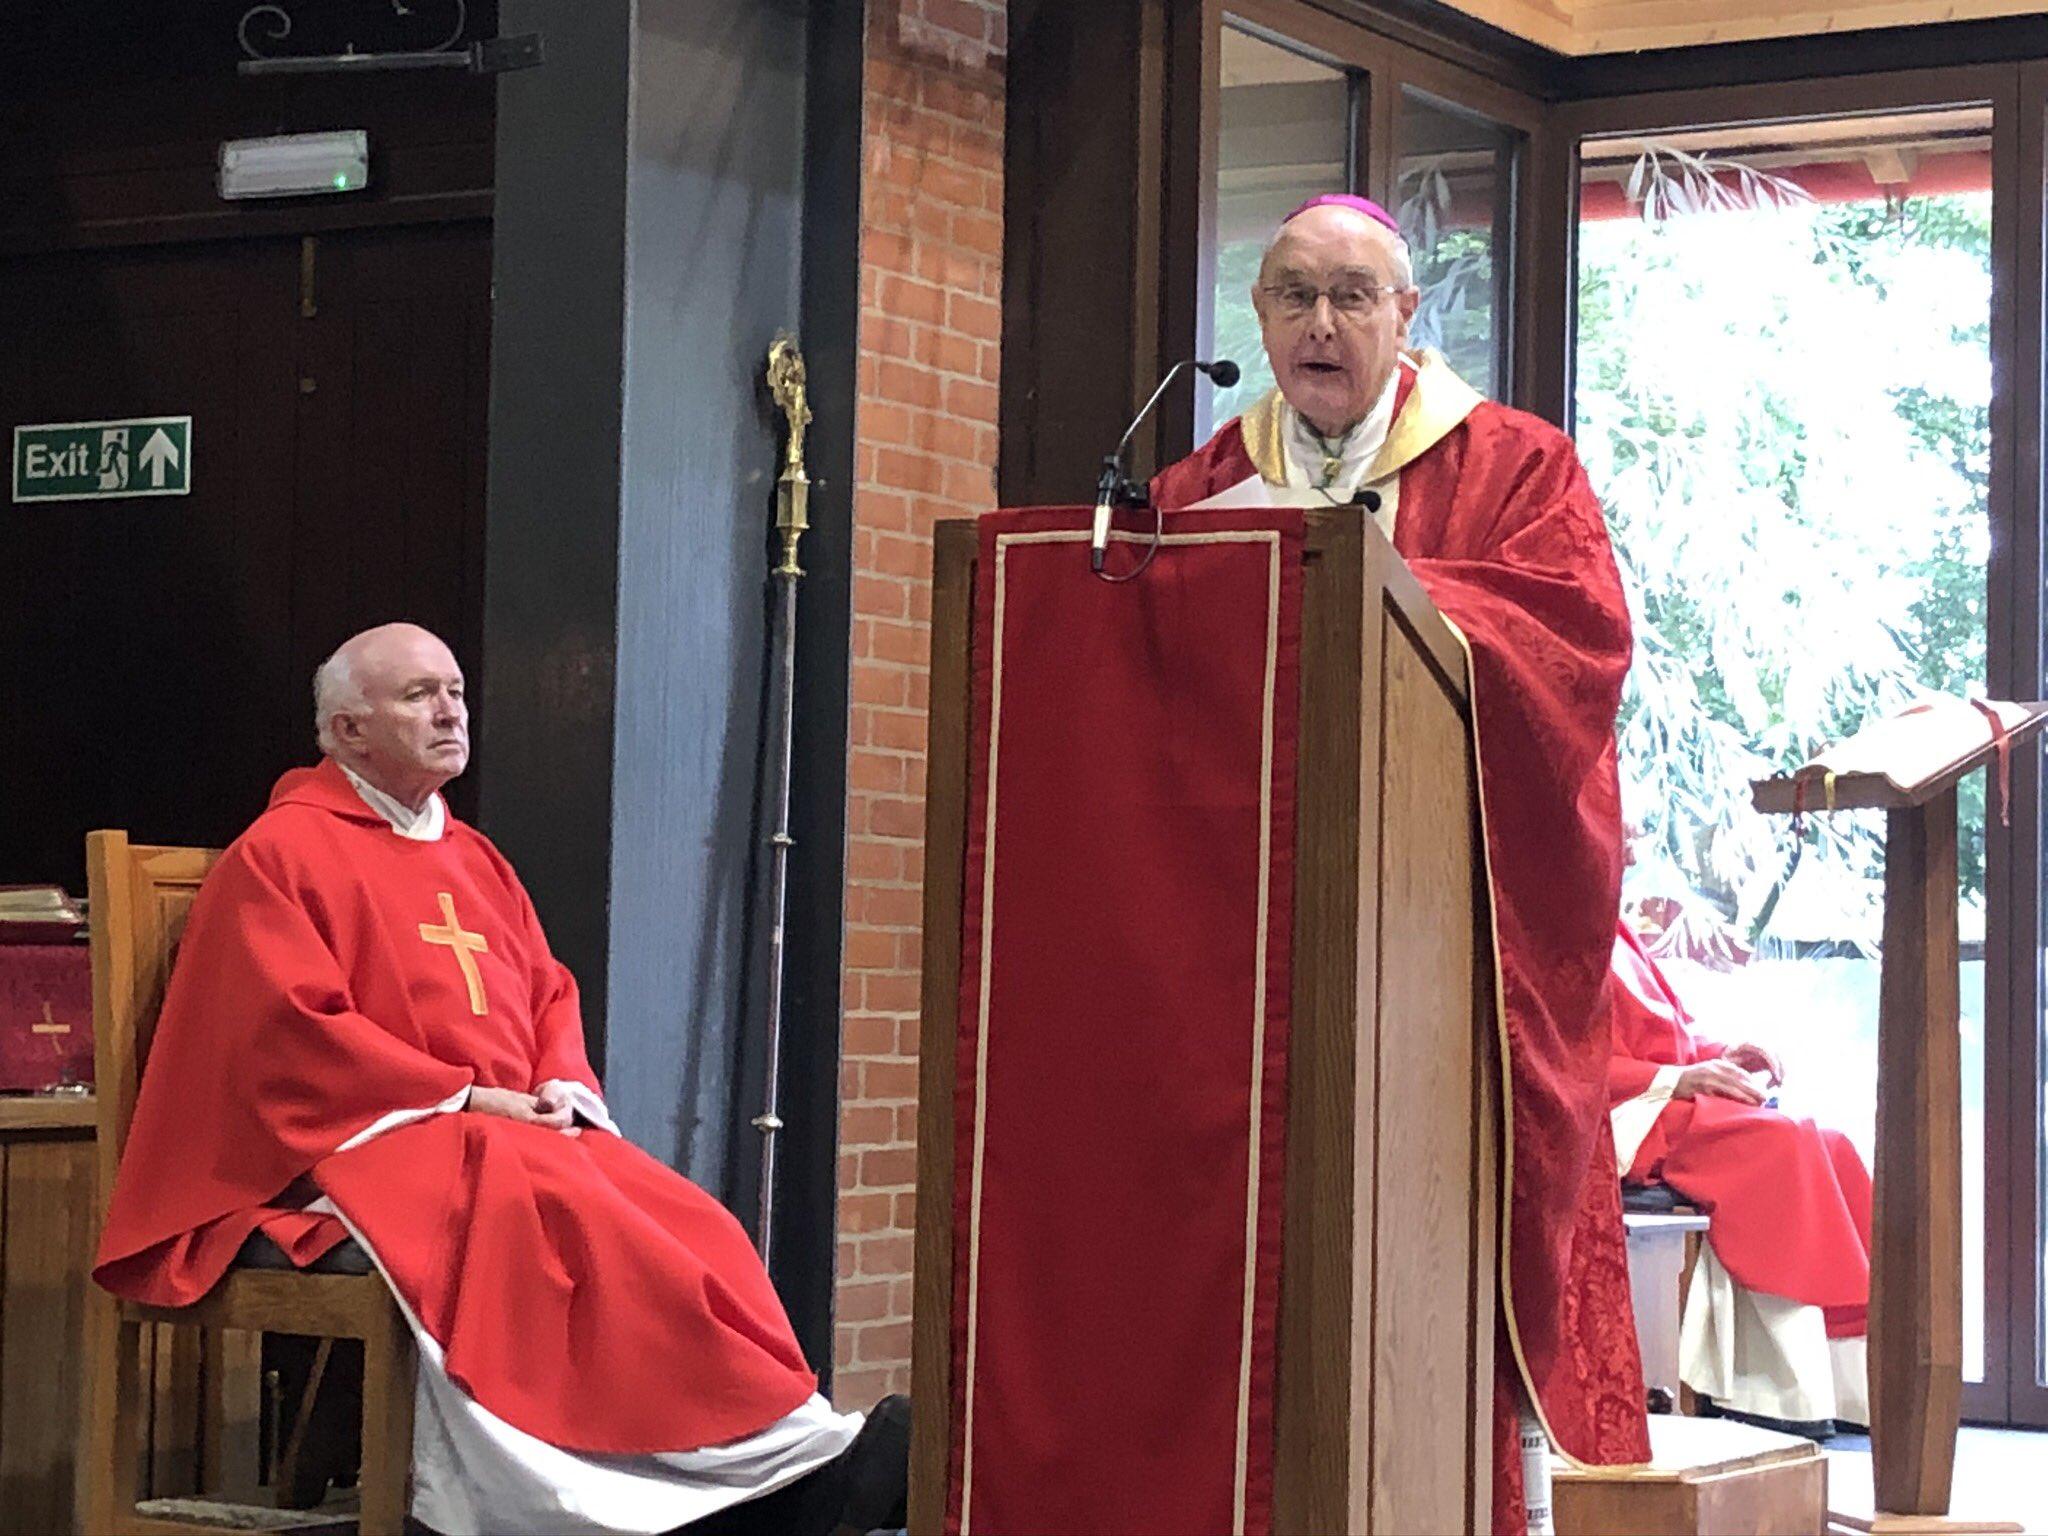 Bishop Hopes talks about Mgr John